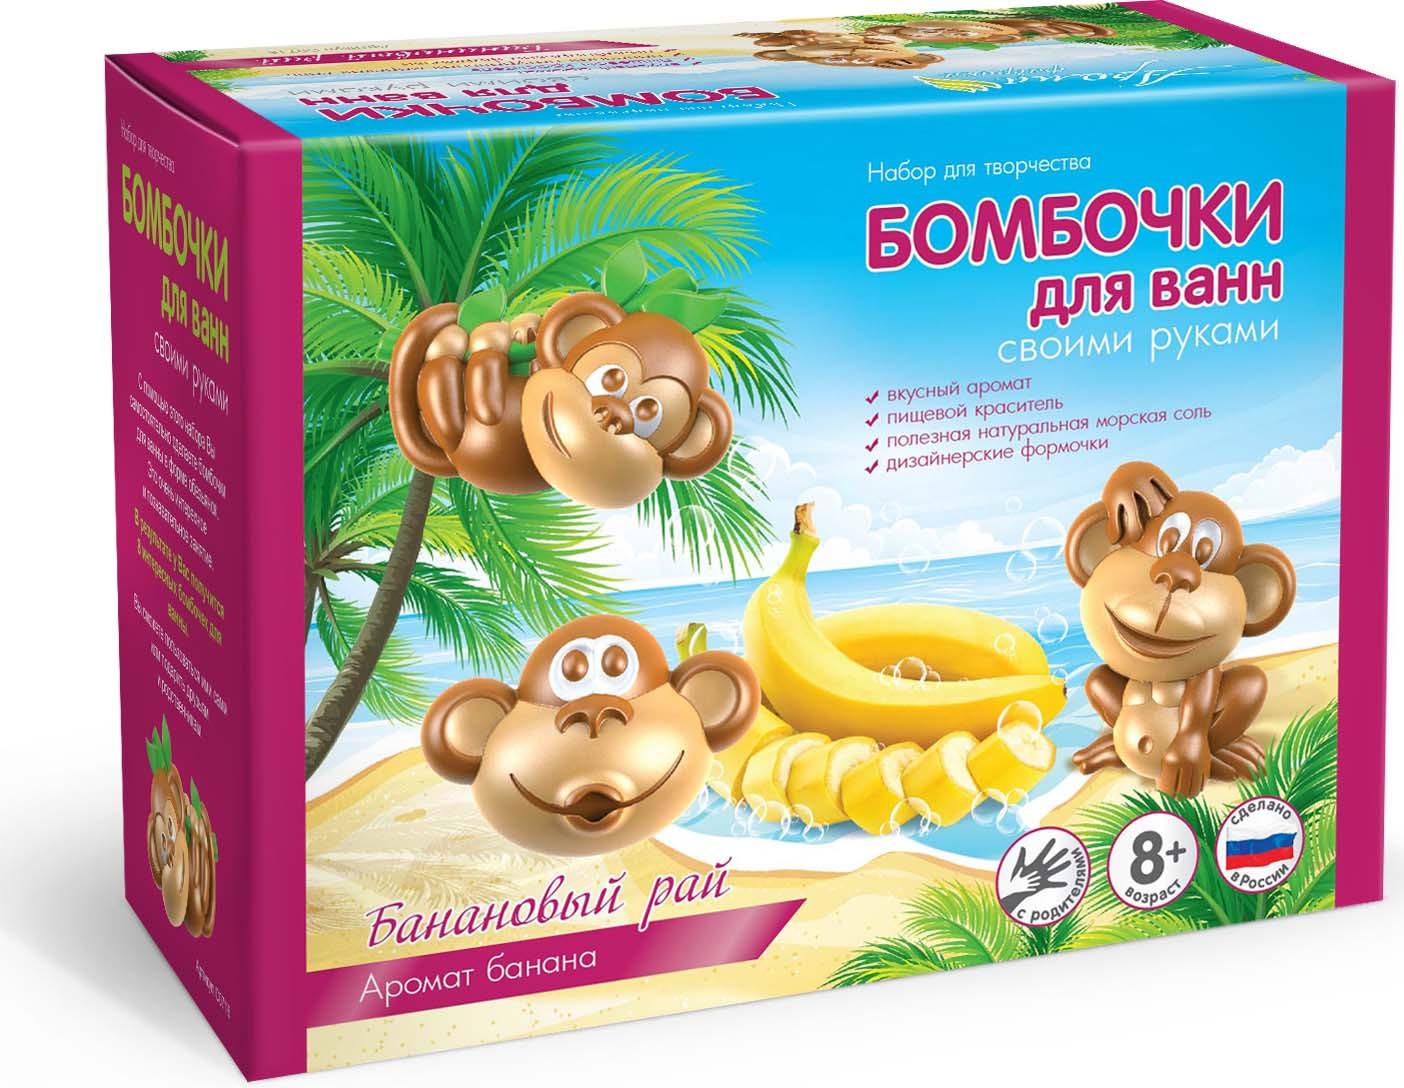 Набор для изготовления бомбочек для ванны Аромафабрика Банановый рай, С0716 набор бомбочек для ванны травяная